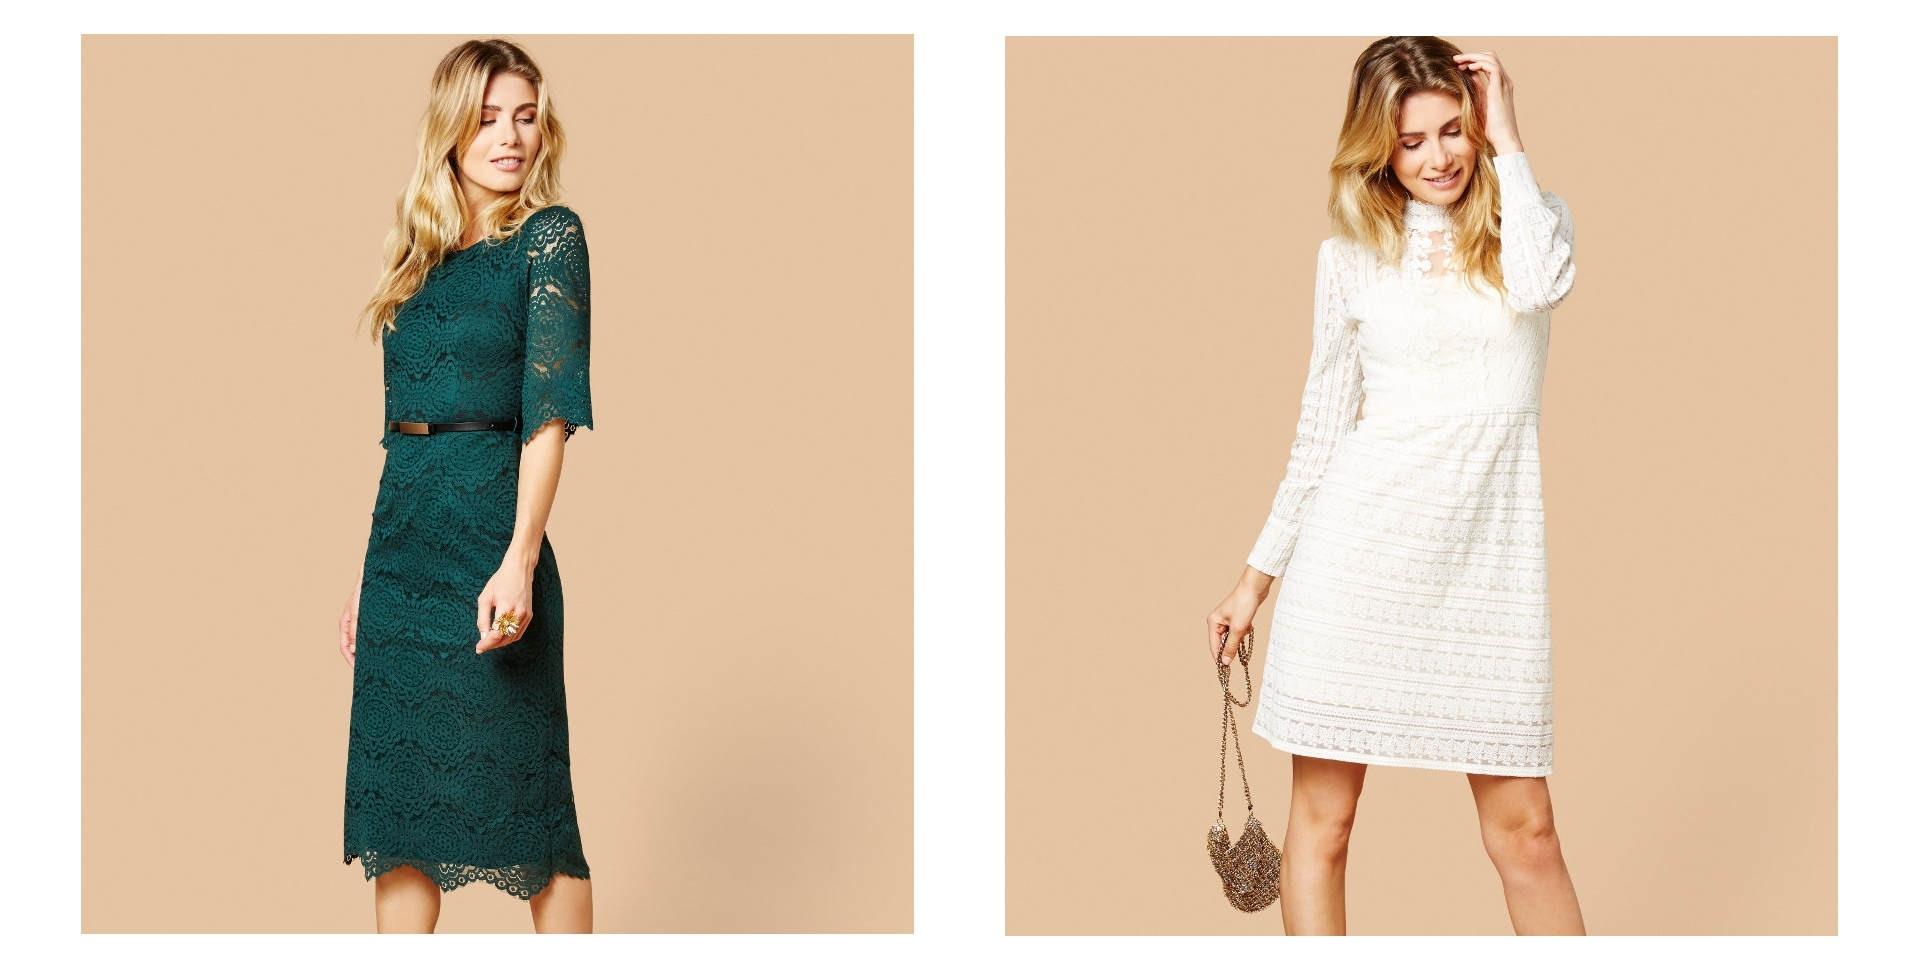 10 Luxurius Kleider Berlin für 2019Formal Großartig Kleider Berlin Boutique